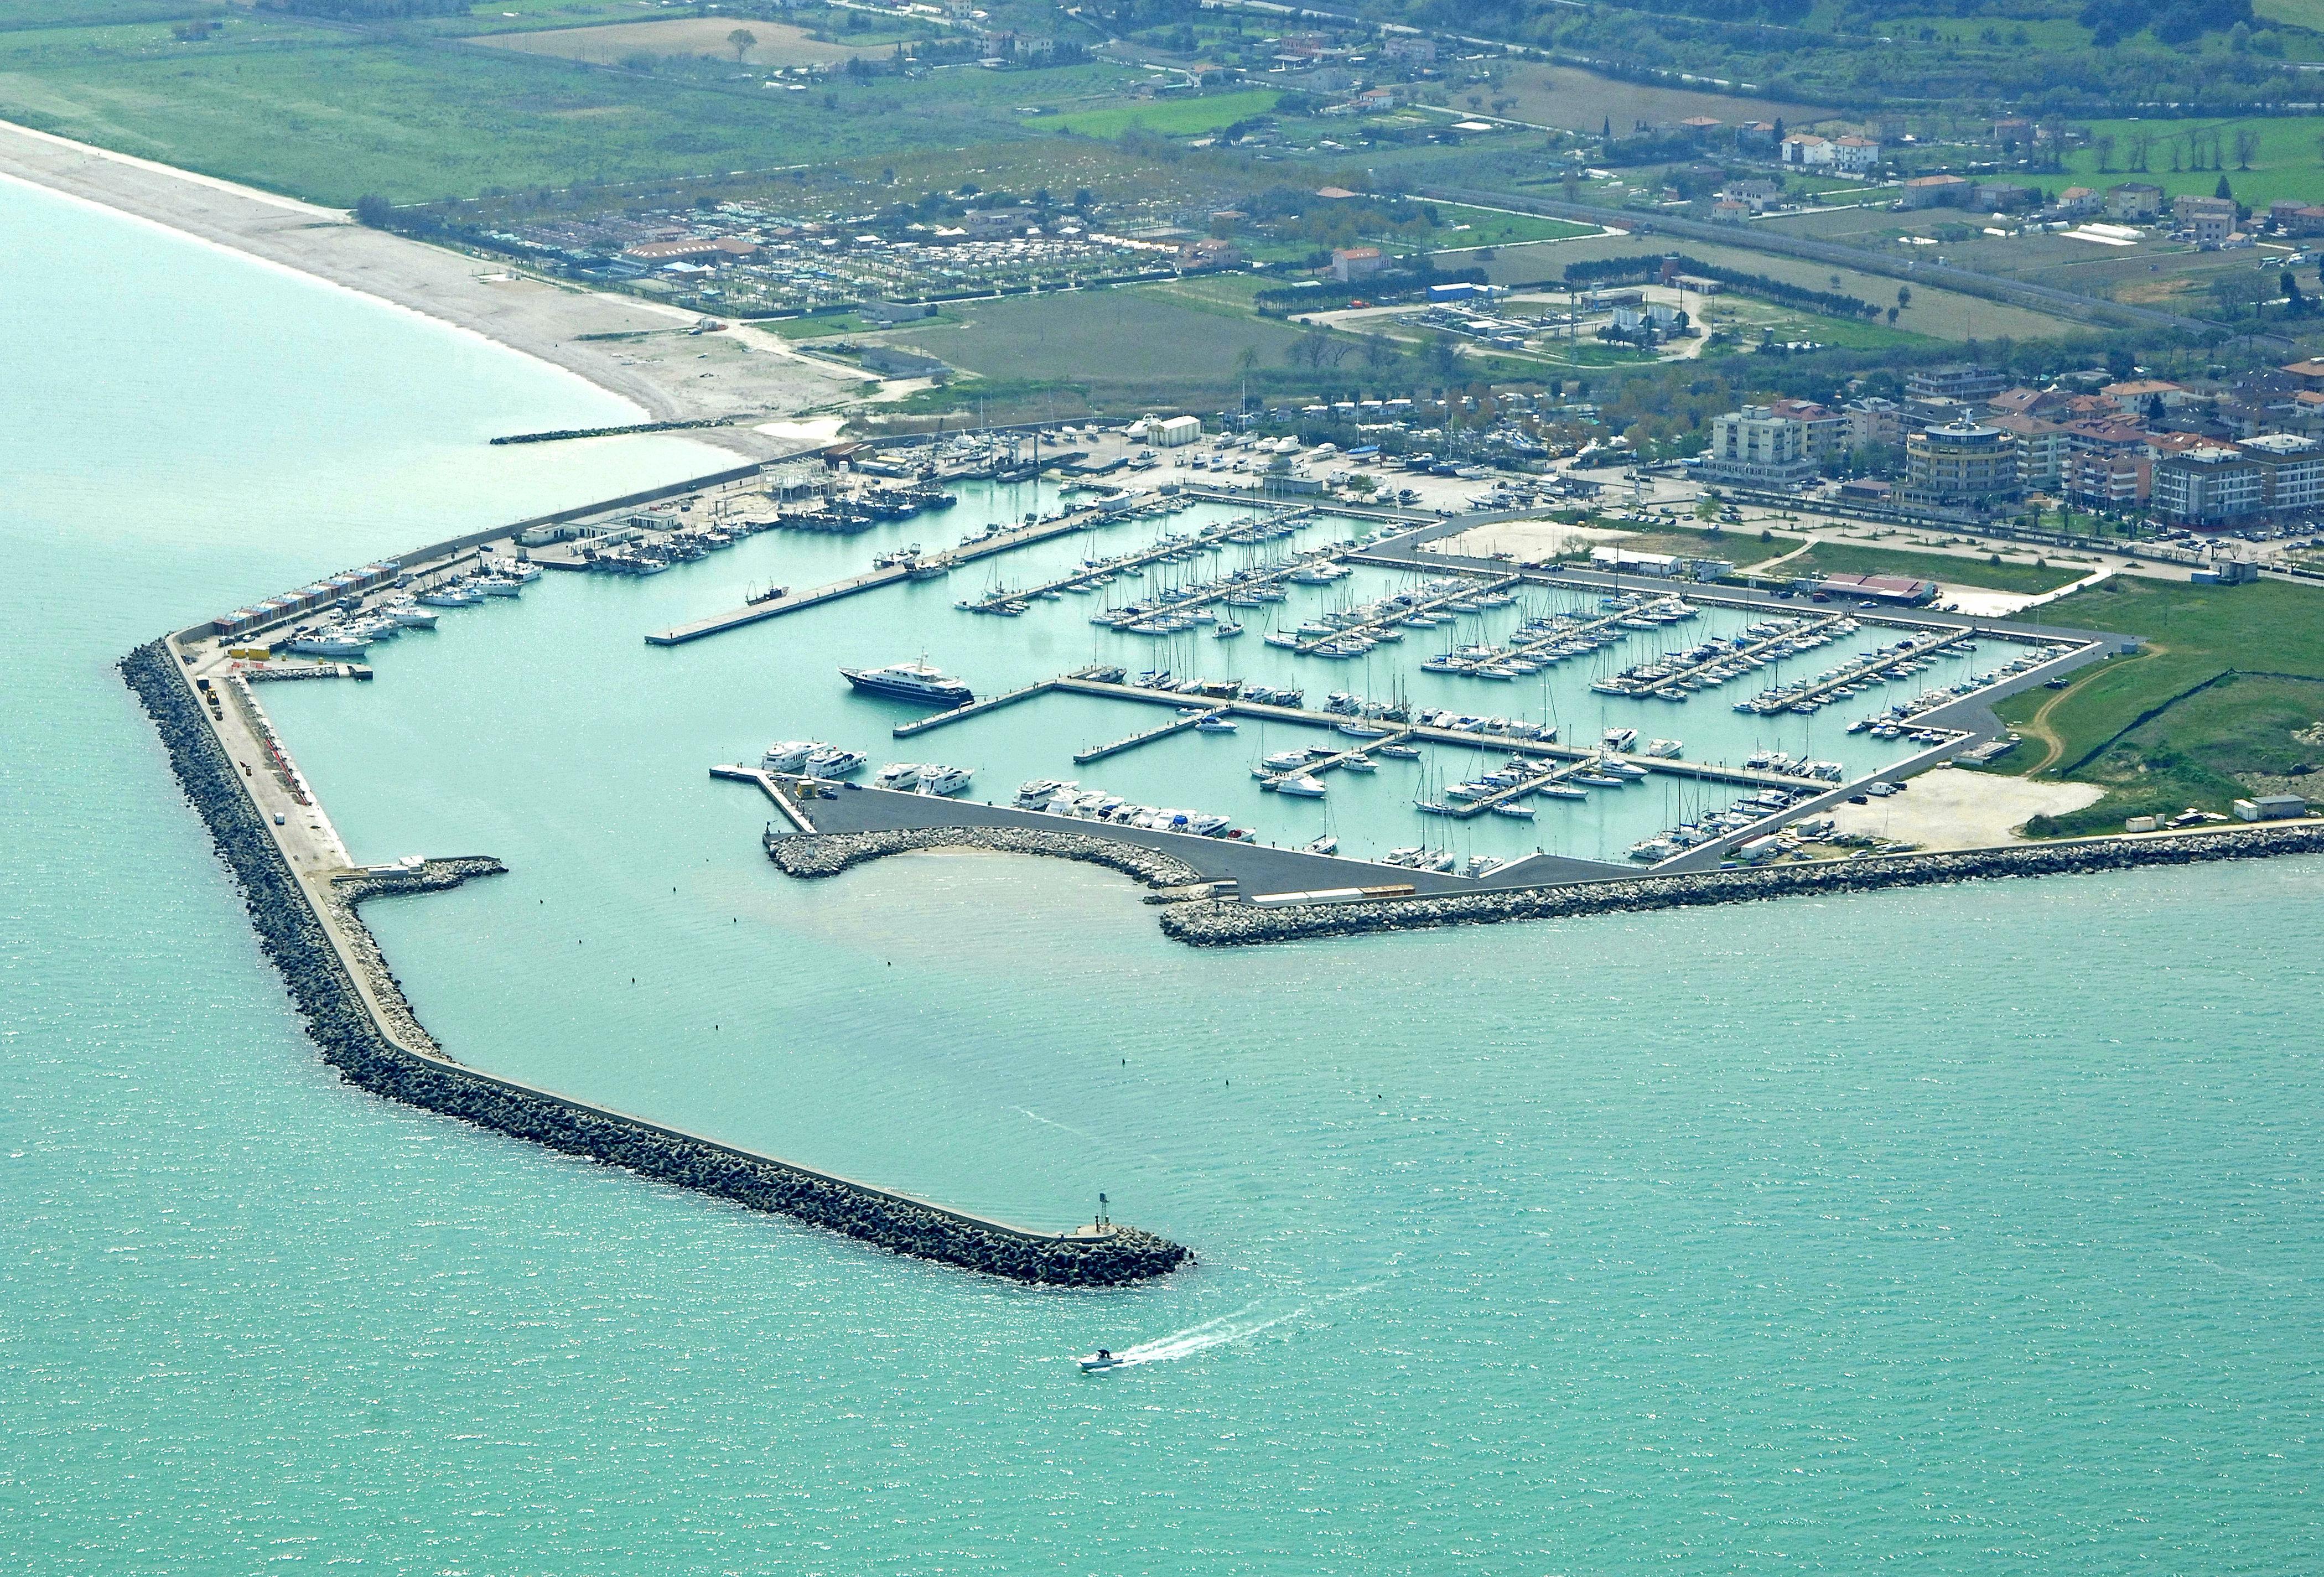 Marina di porto san giorgio in san giorgio ascoli piceno marche italy marina reviews - Aran cucine porto san giorgio ...